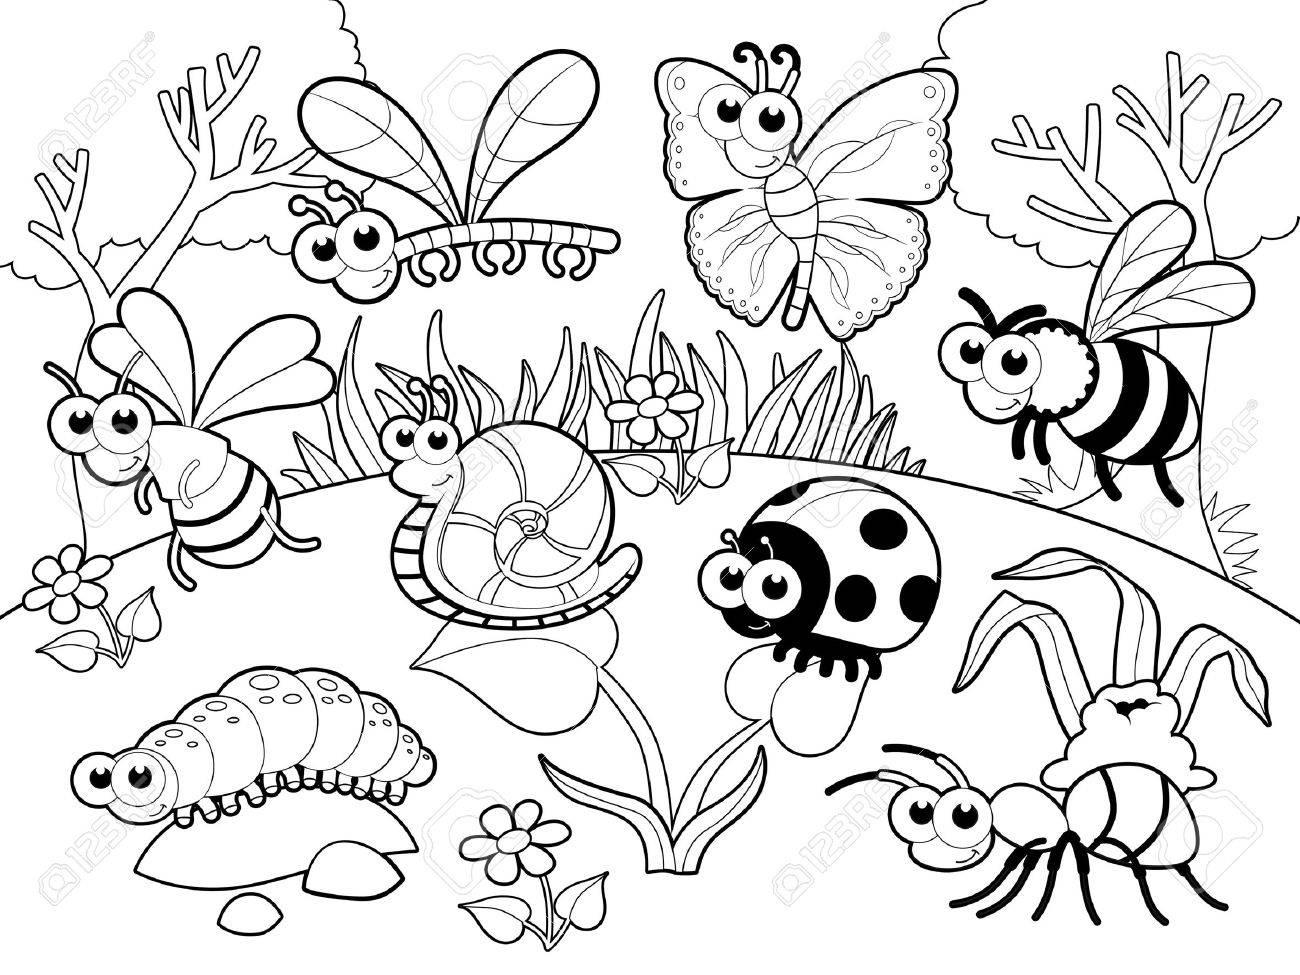 Contemporáneo Páginas Para Colorear Insectos Para Niños Pequeños ...